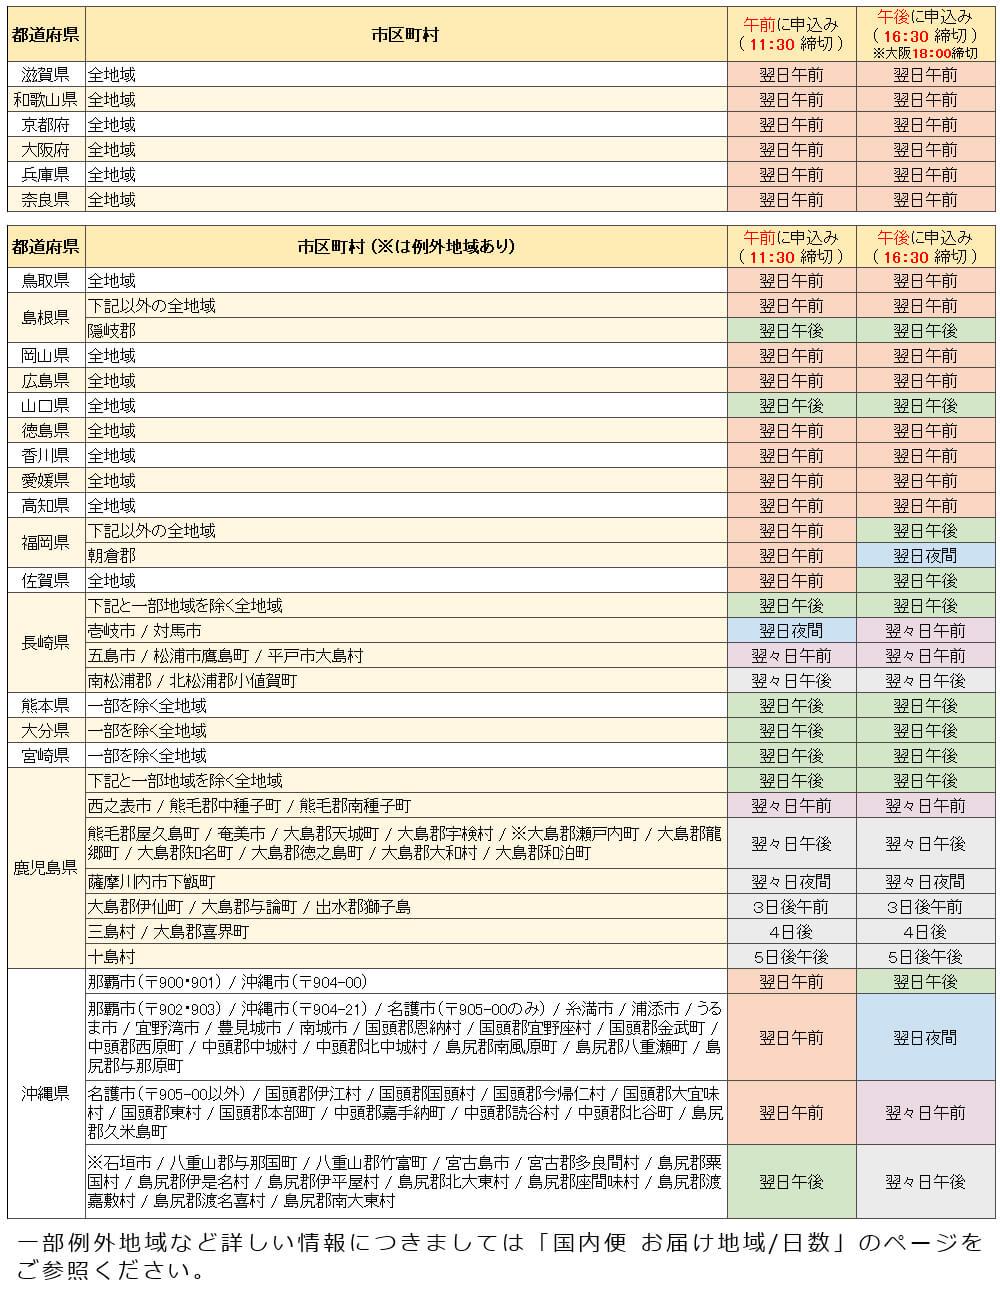 日本国内便 お届け地域・日数 簡易表2